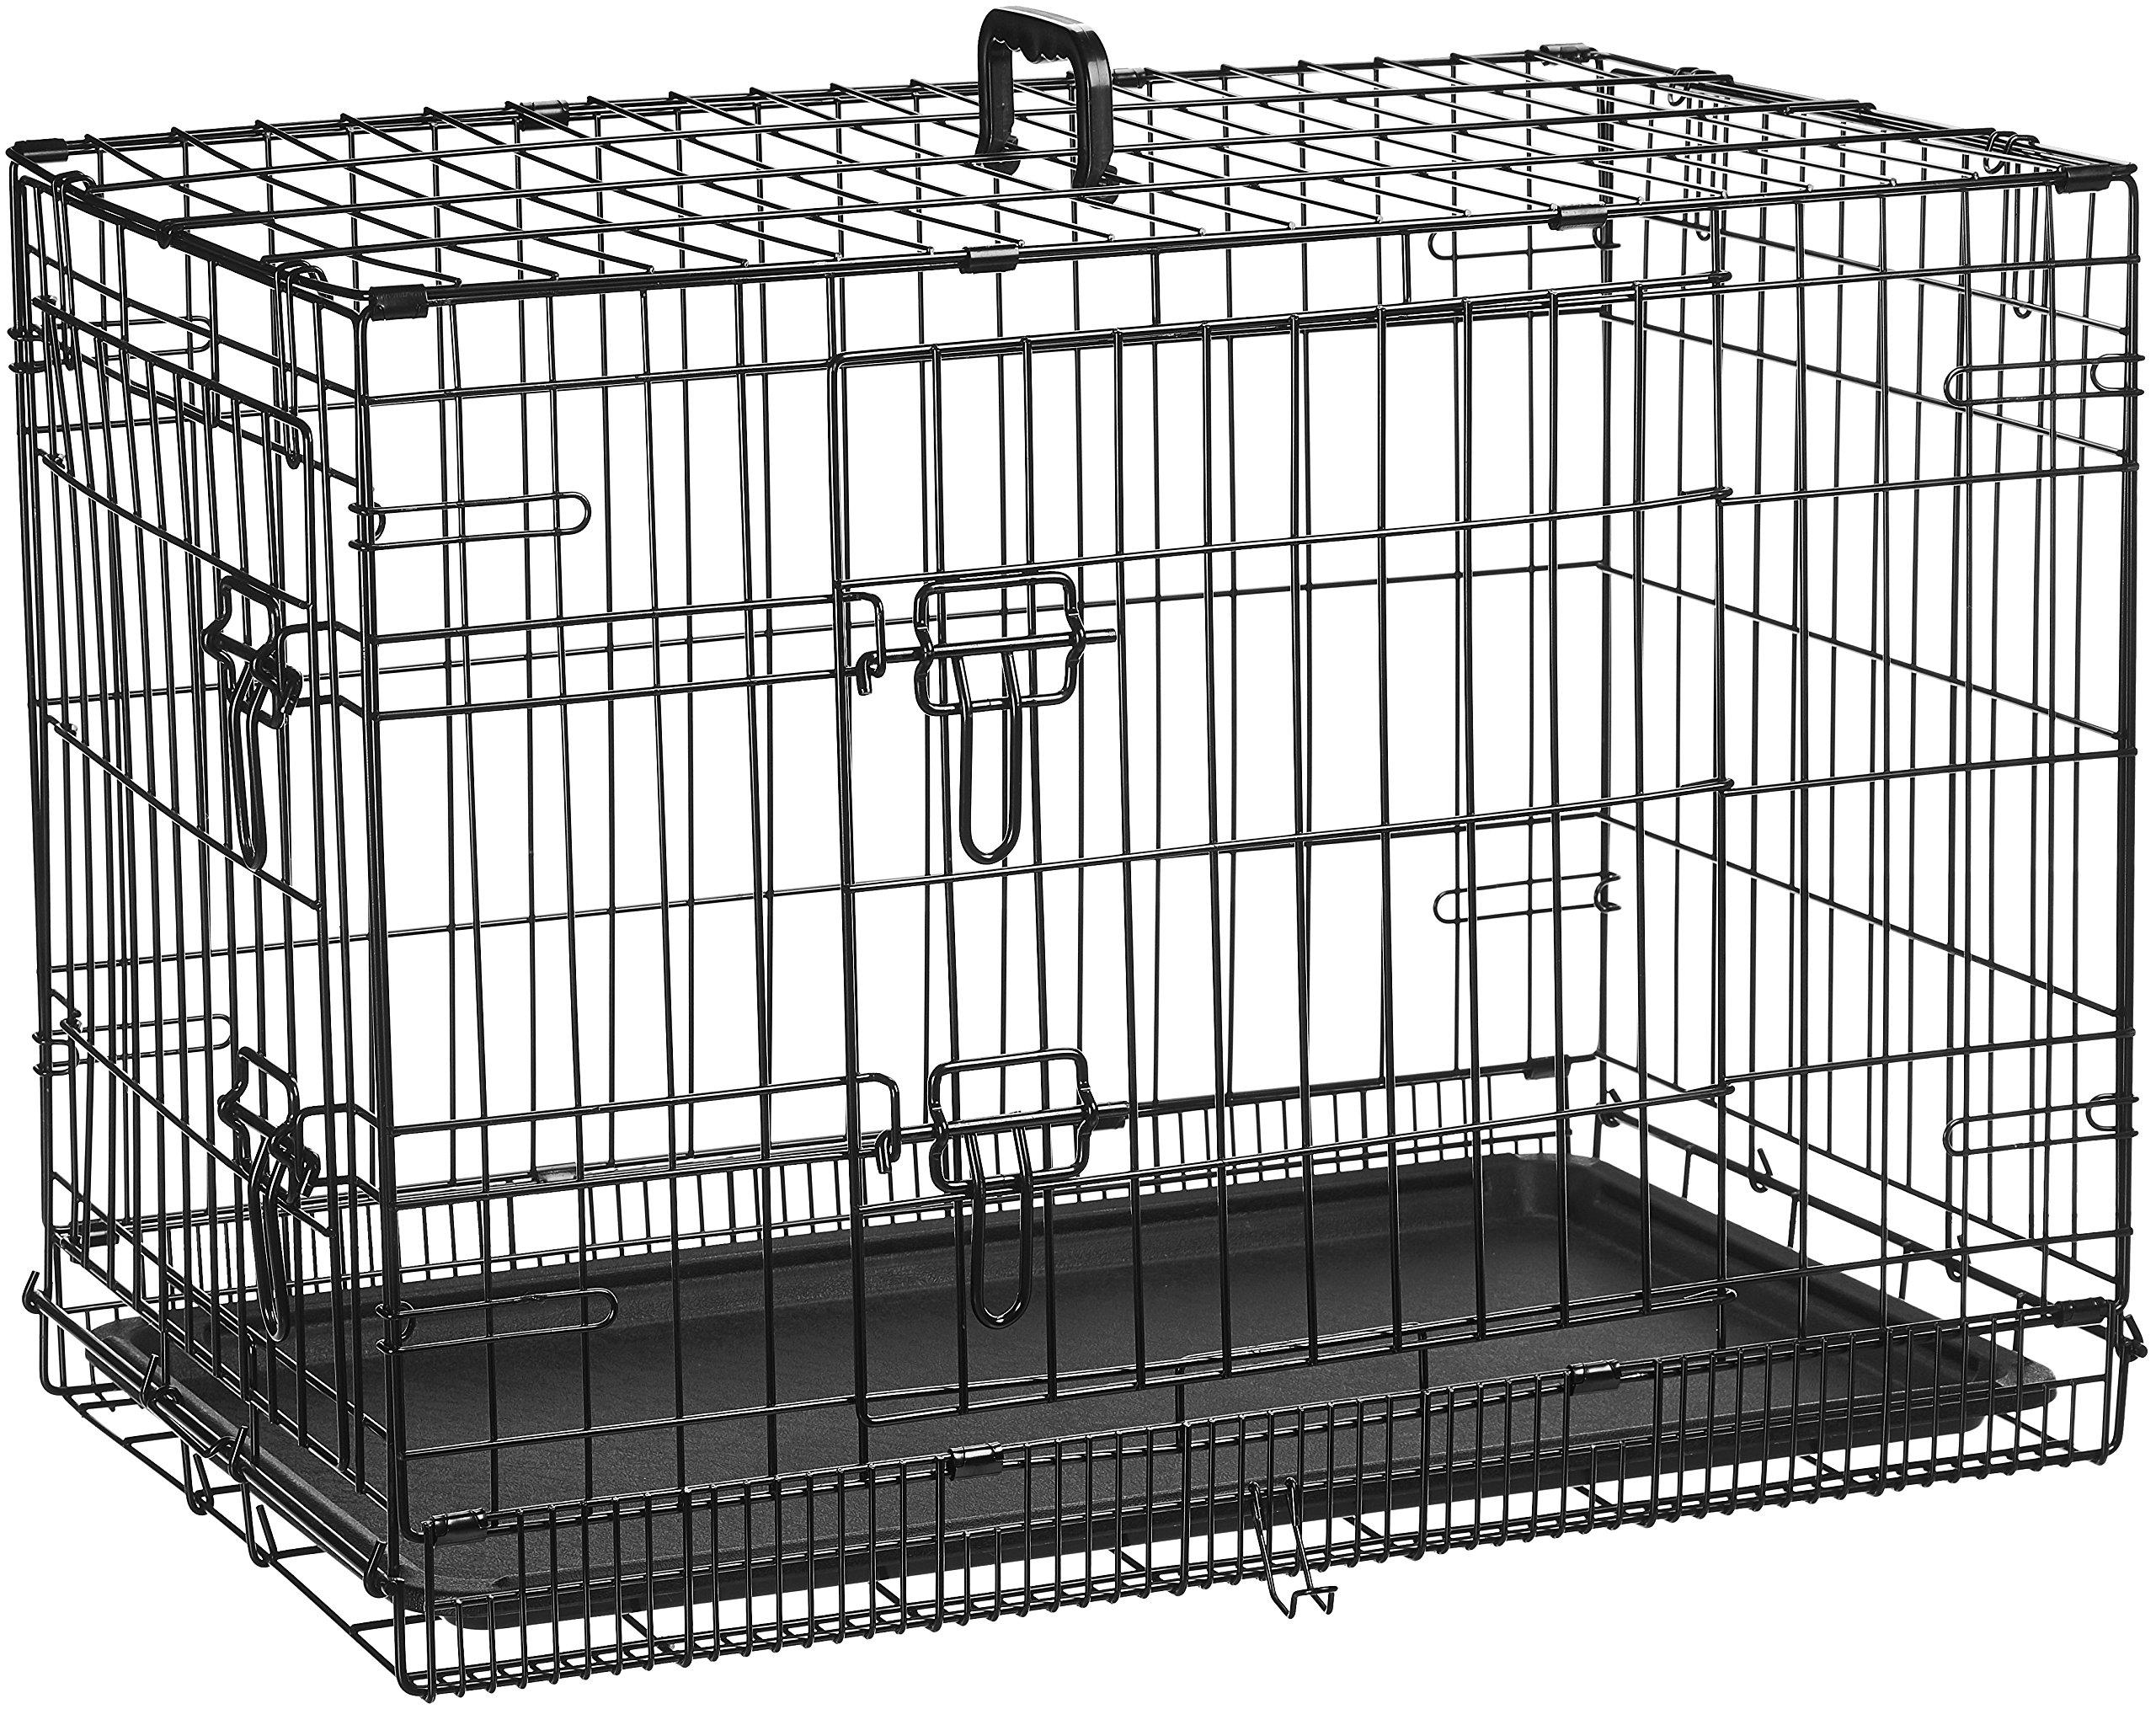 AmazonBasics Double-Door Folding Metal Dog Crate - 30 Inches by AmazonBasics (Image #3)